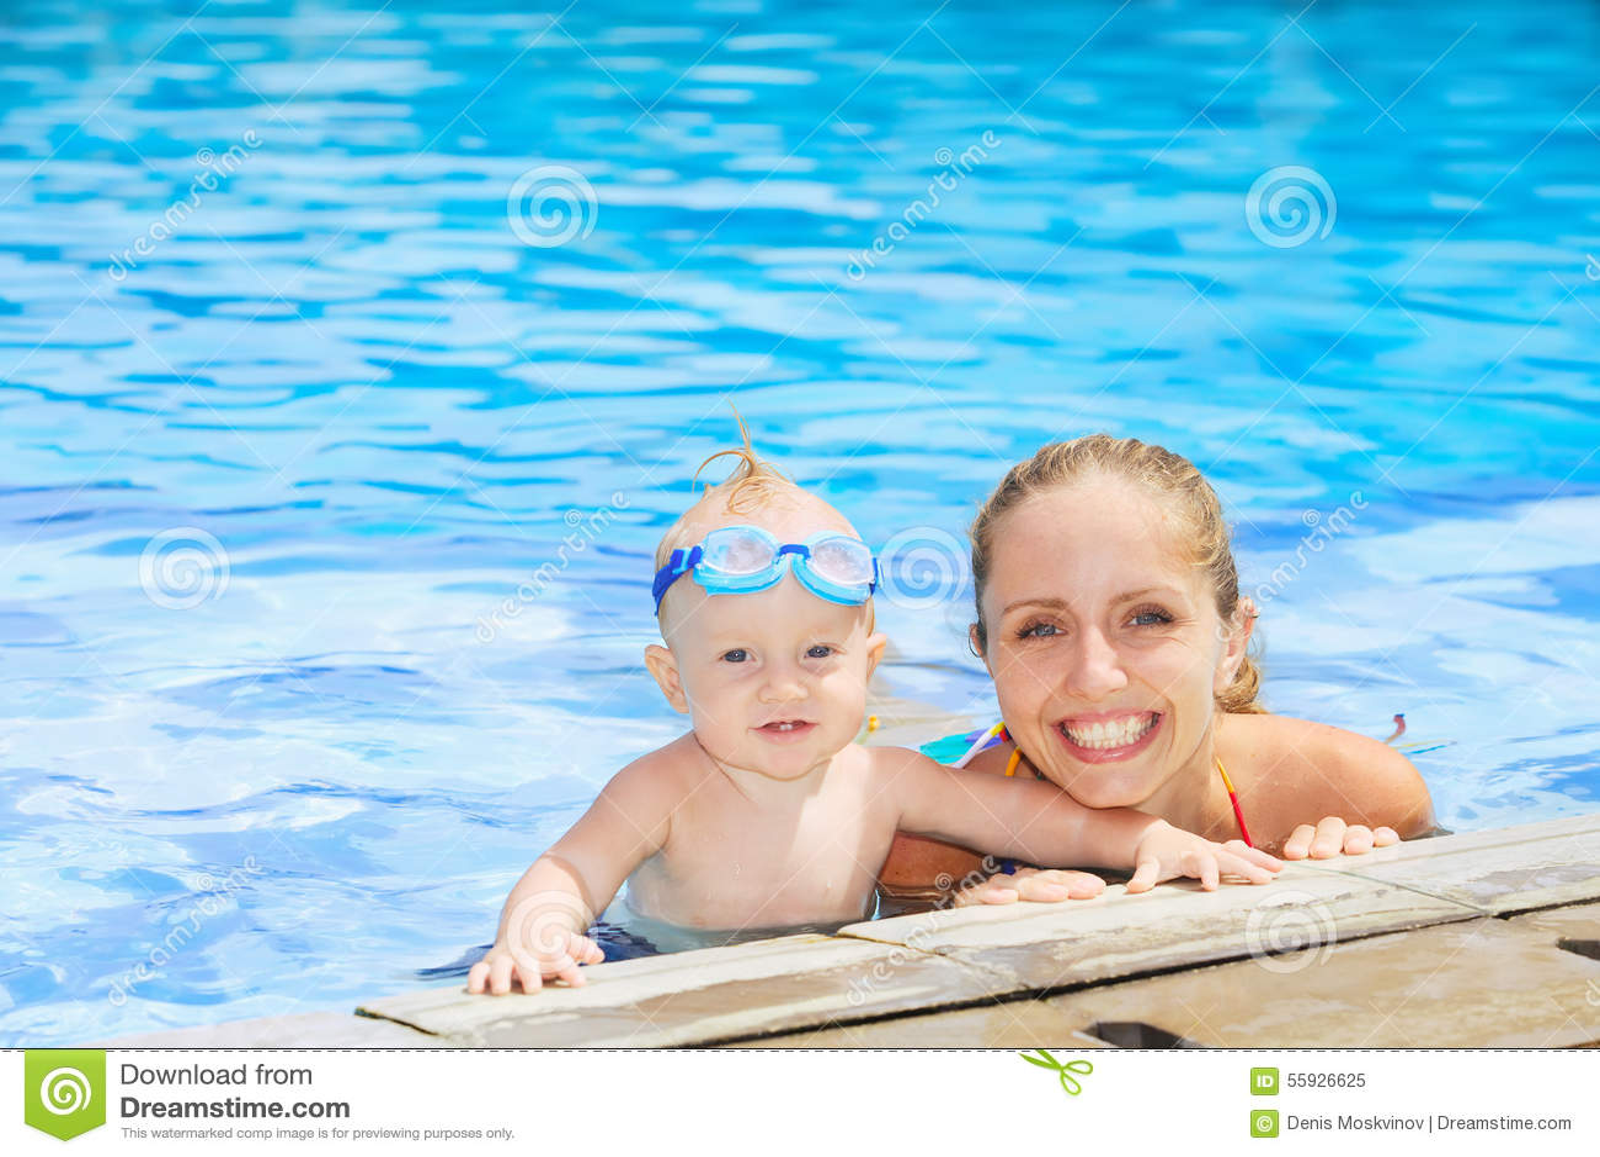 Retrato divertido de la natación del bebé con la madre en piscina